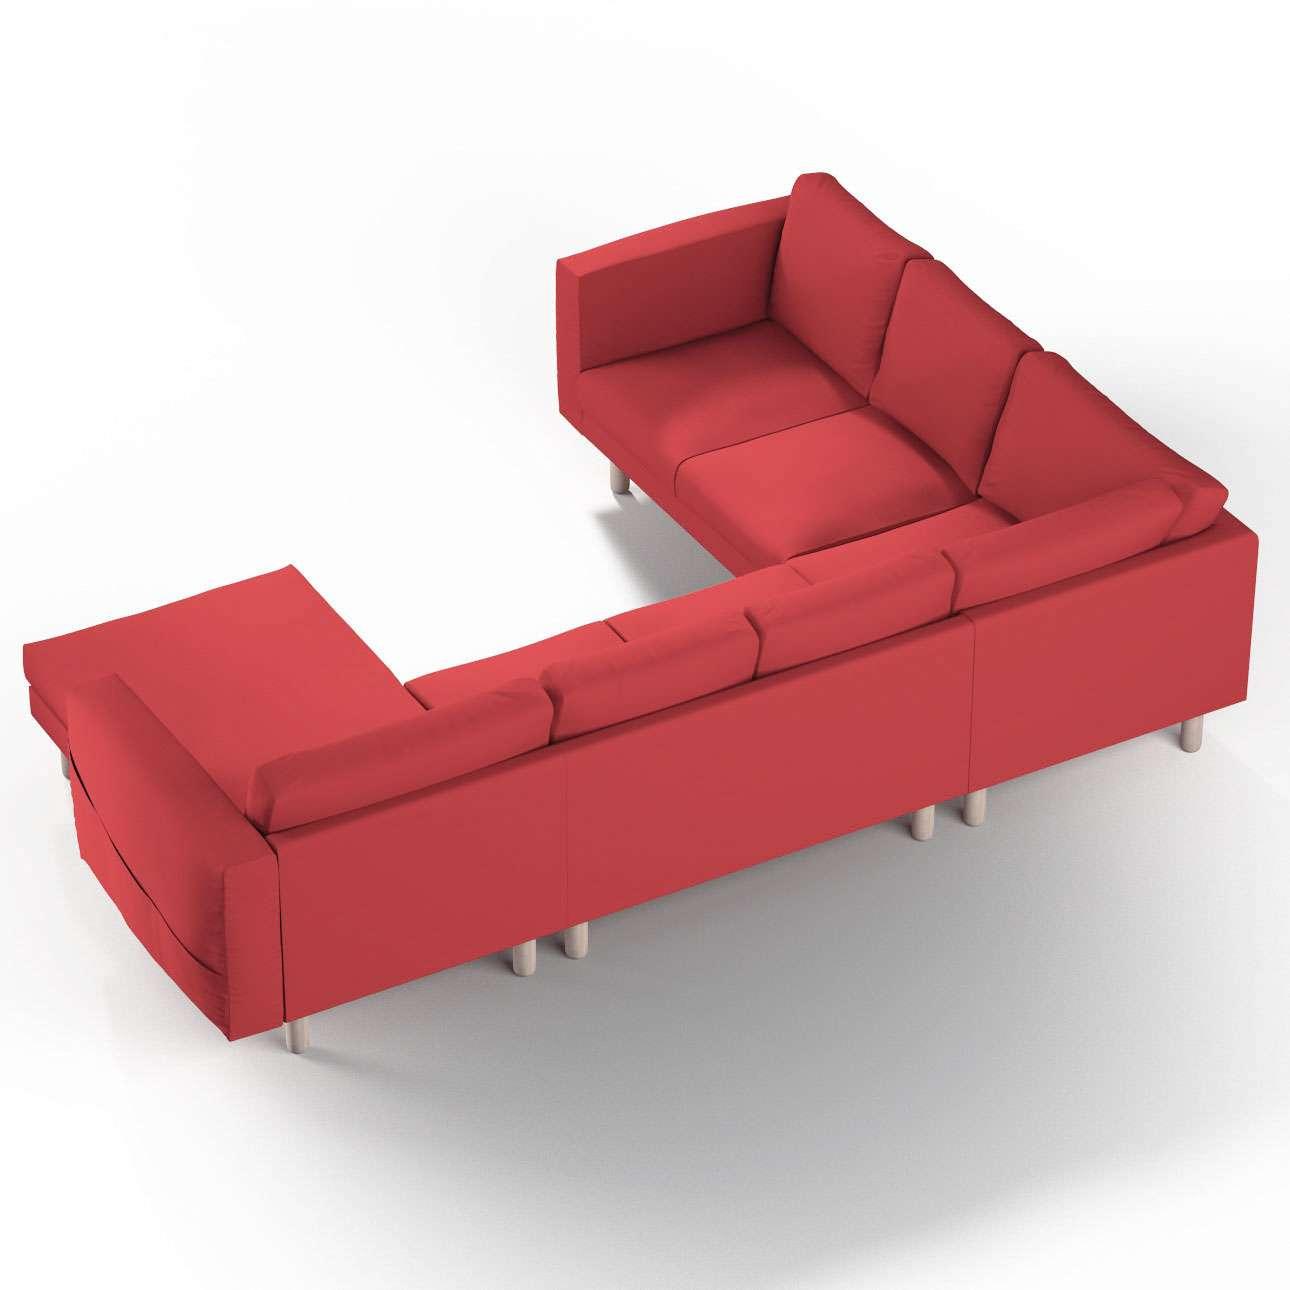 Pokrowiec na sofę narożną Norsborg 5-osobową z szezlongiem w kolekcji Cotton Panama, tkanina: 702-04